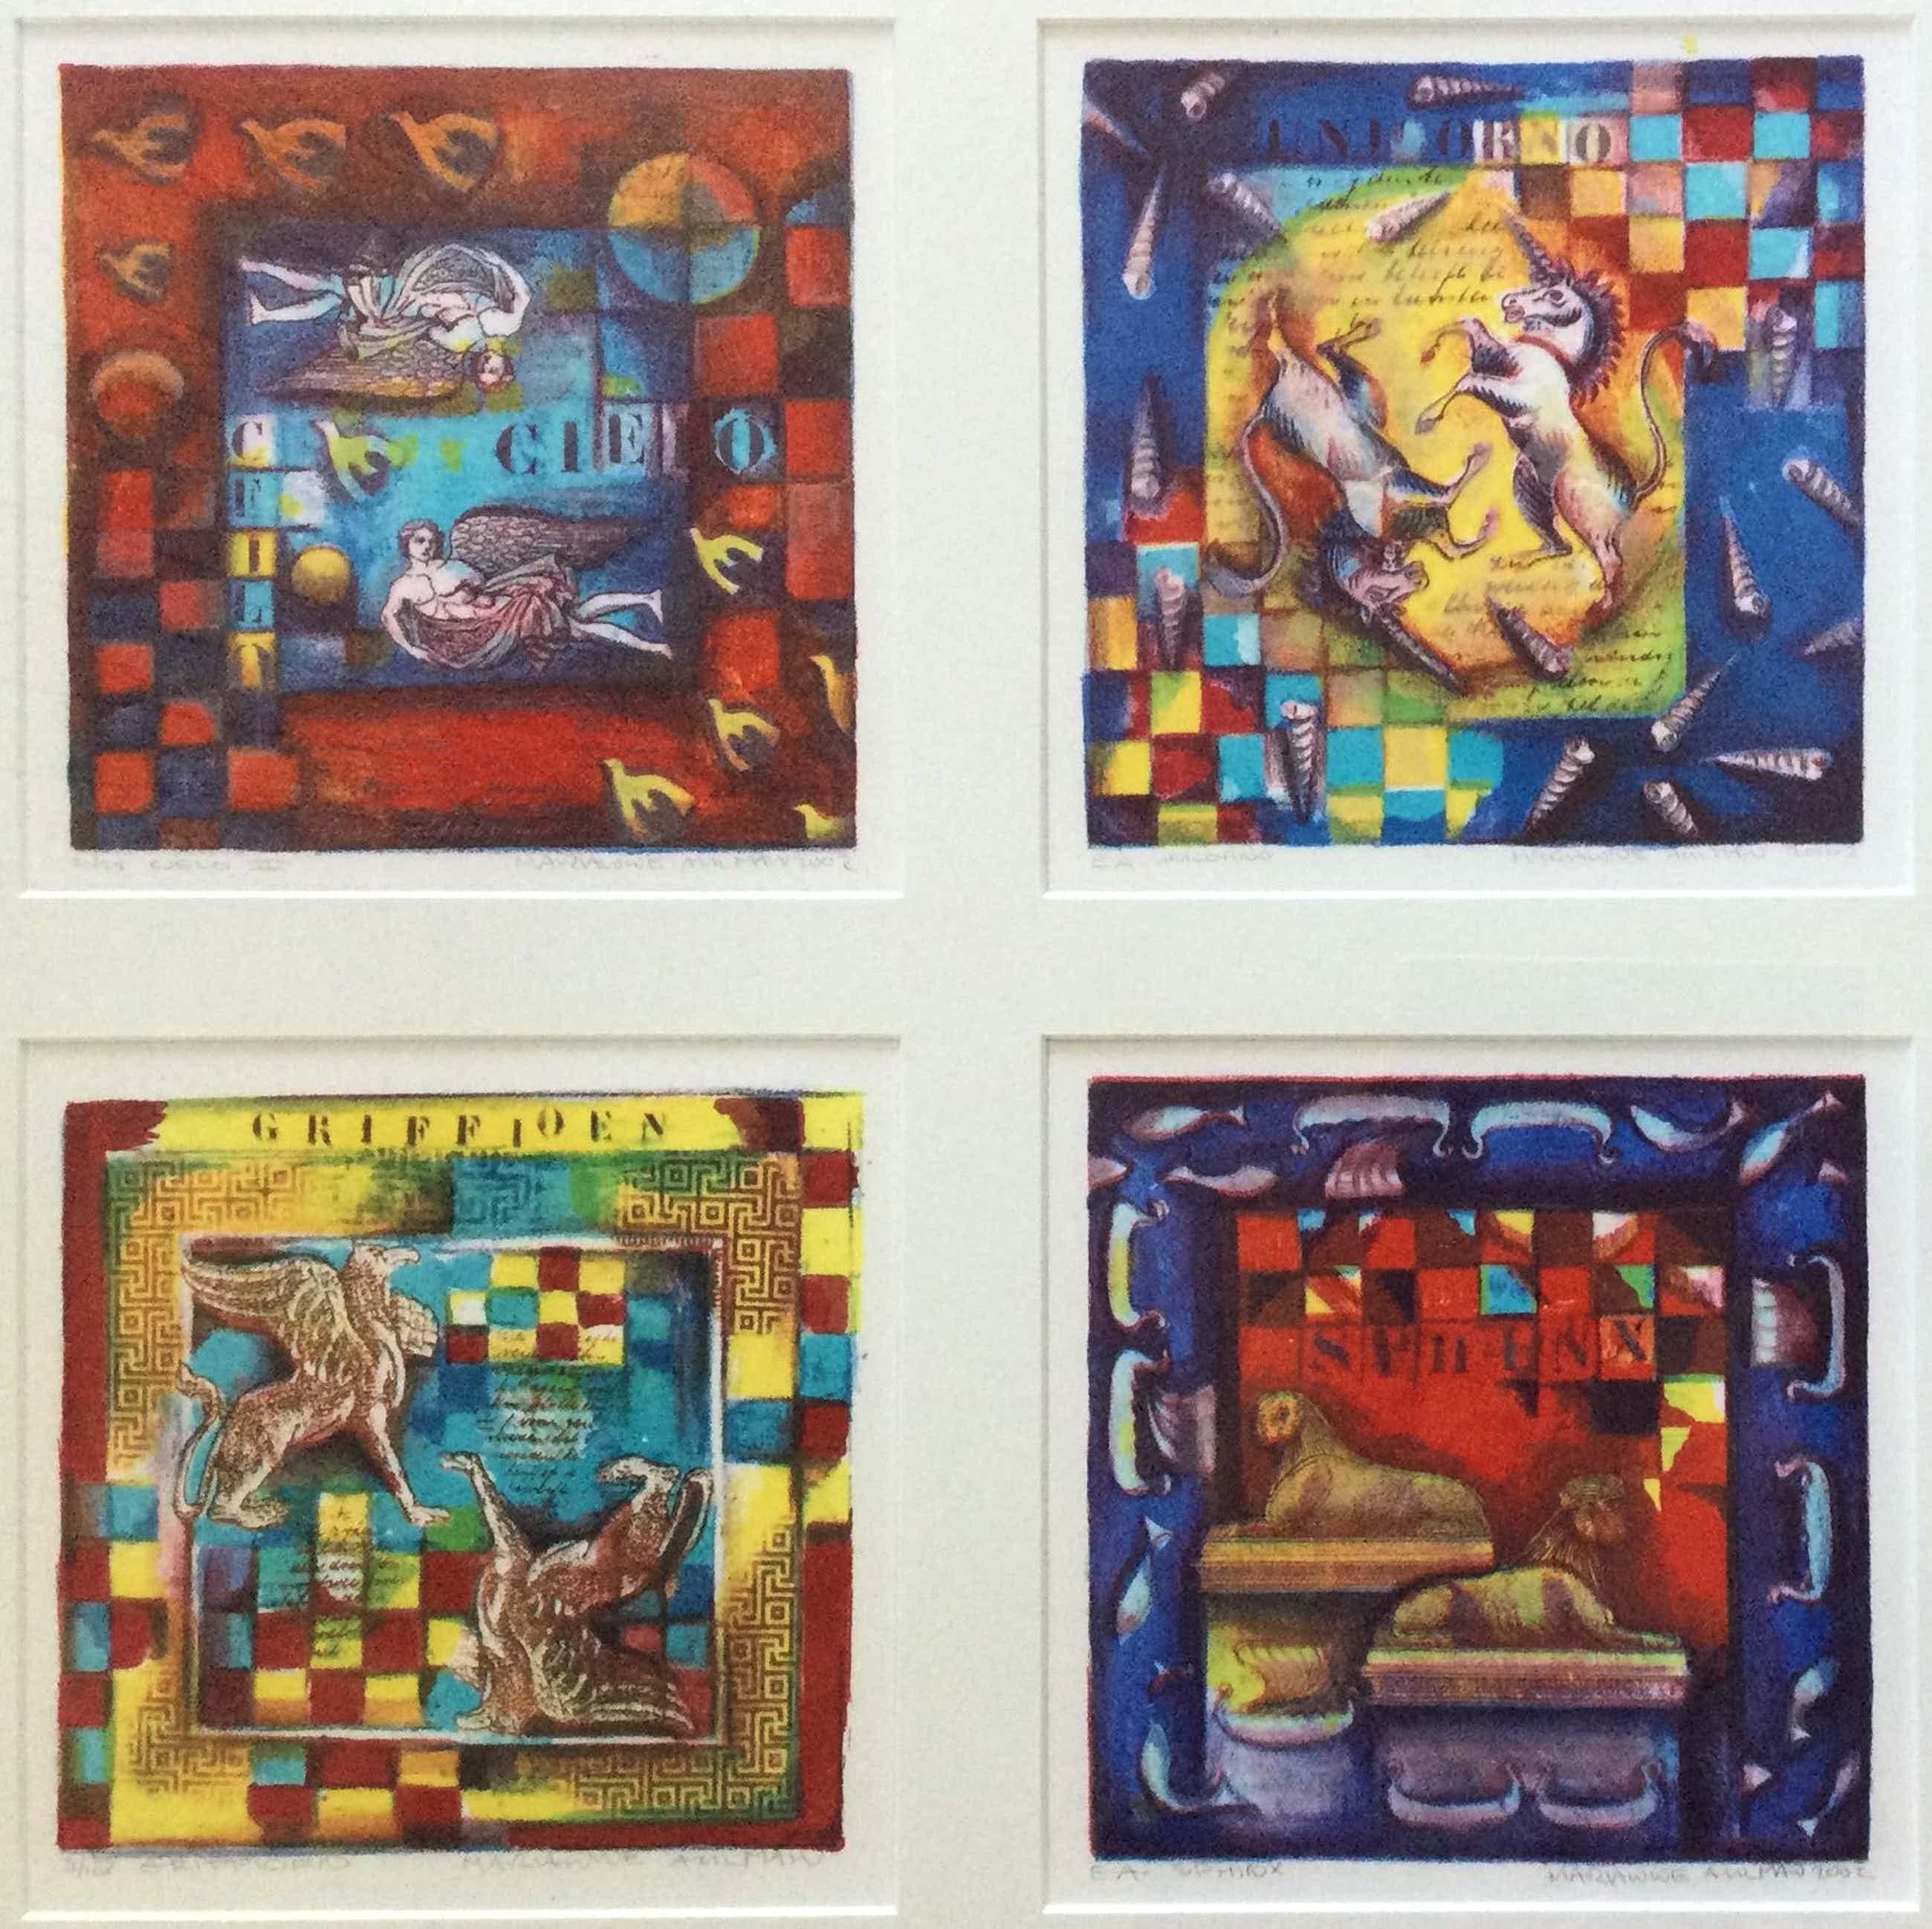 Marianne Aulman - Mythische wezens   vier kleuren zeefdrukken - ingelijst kopen? Bied vanaf 85!